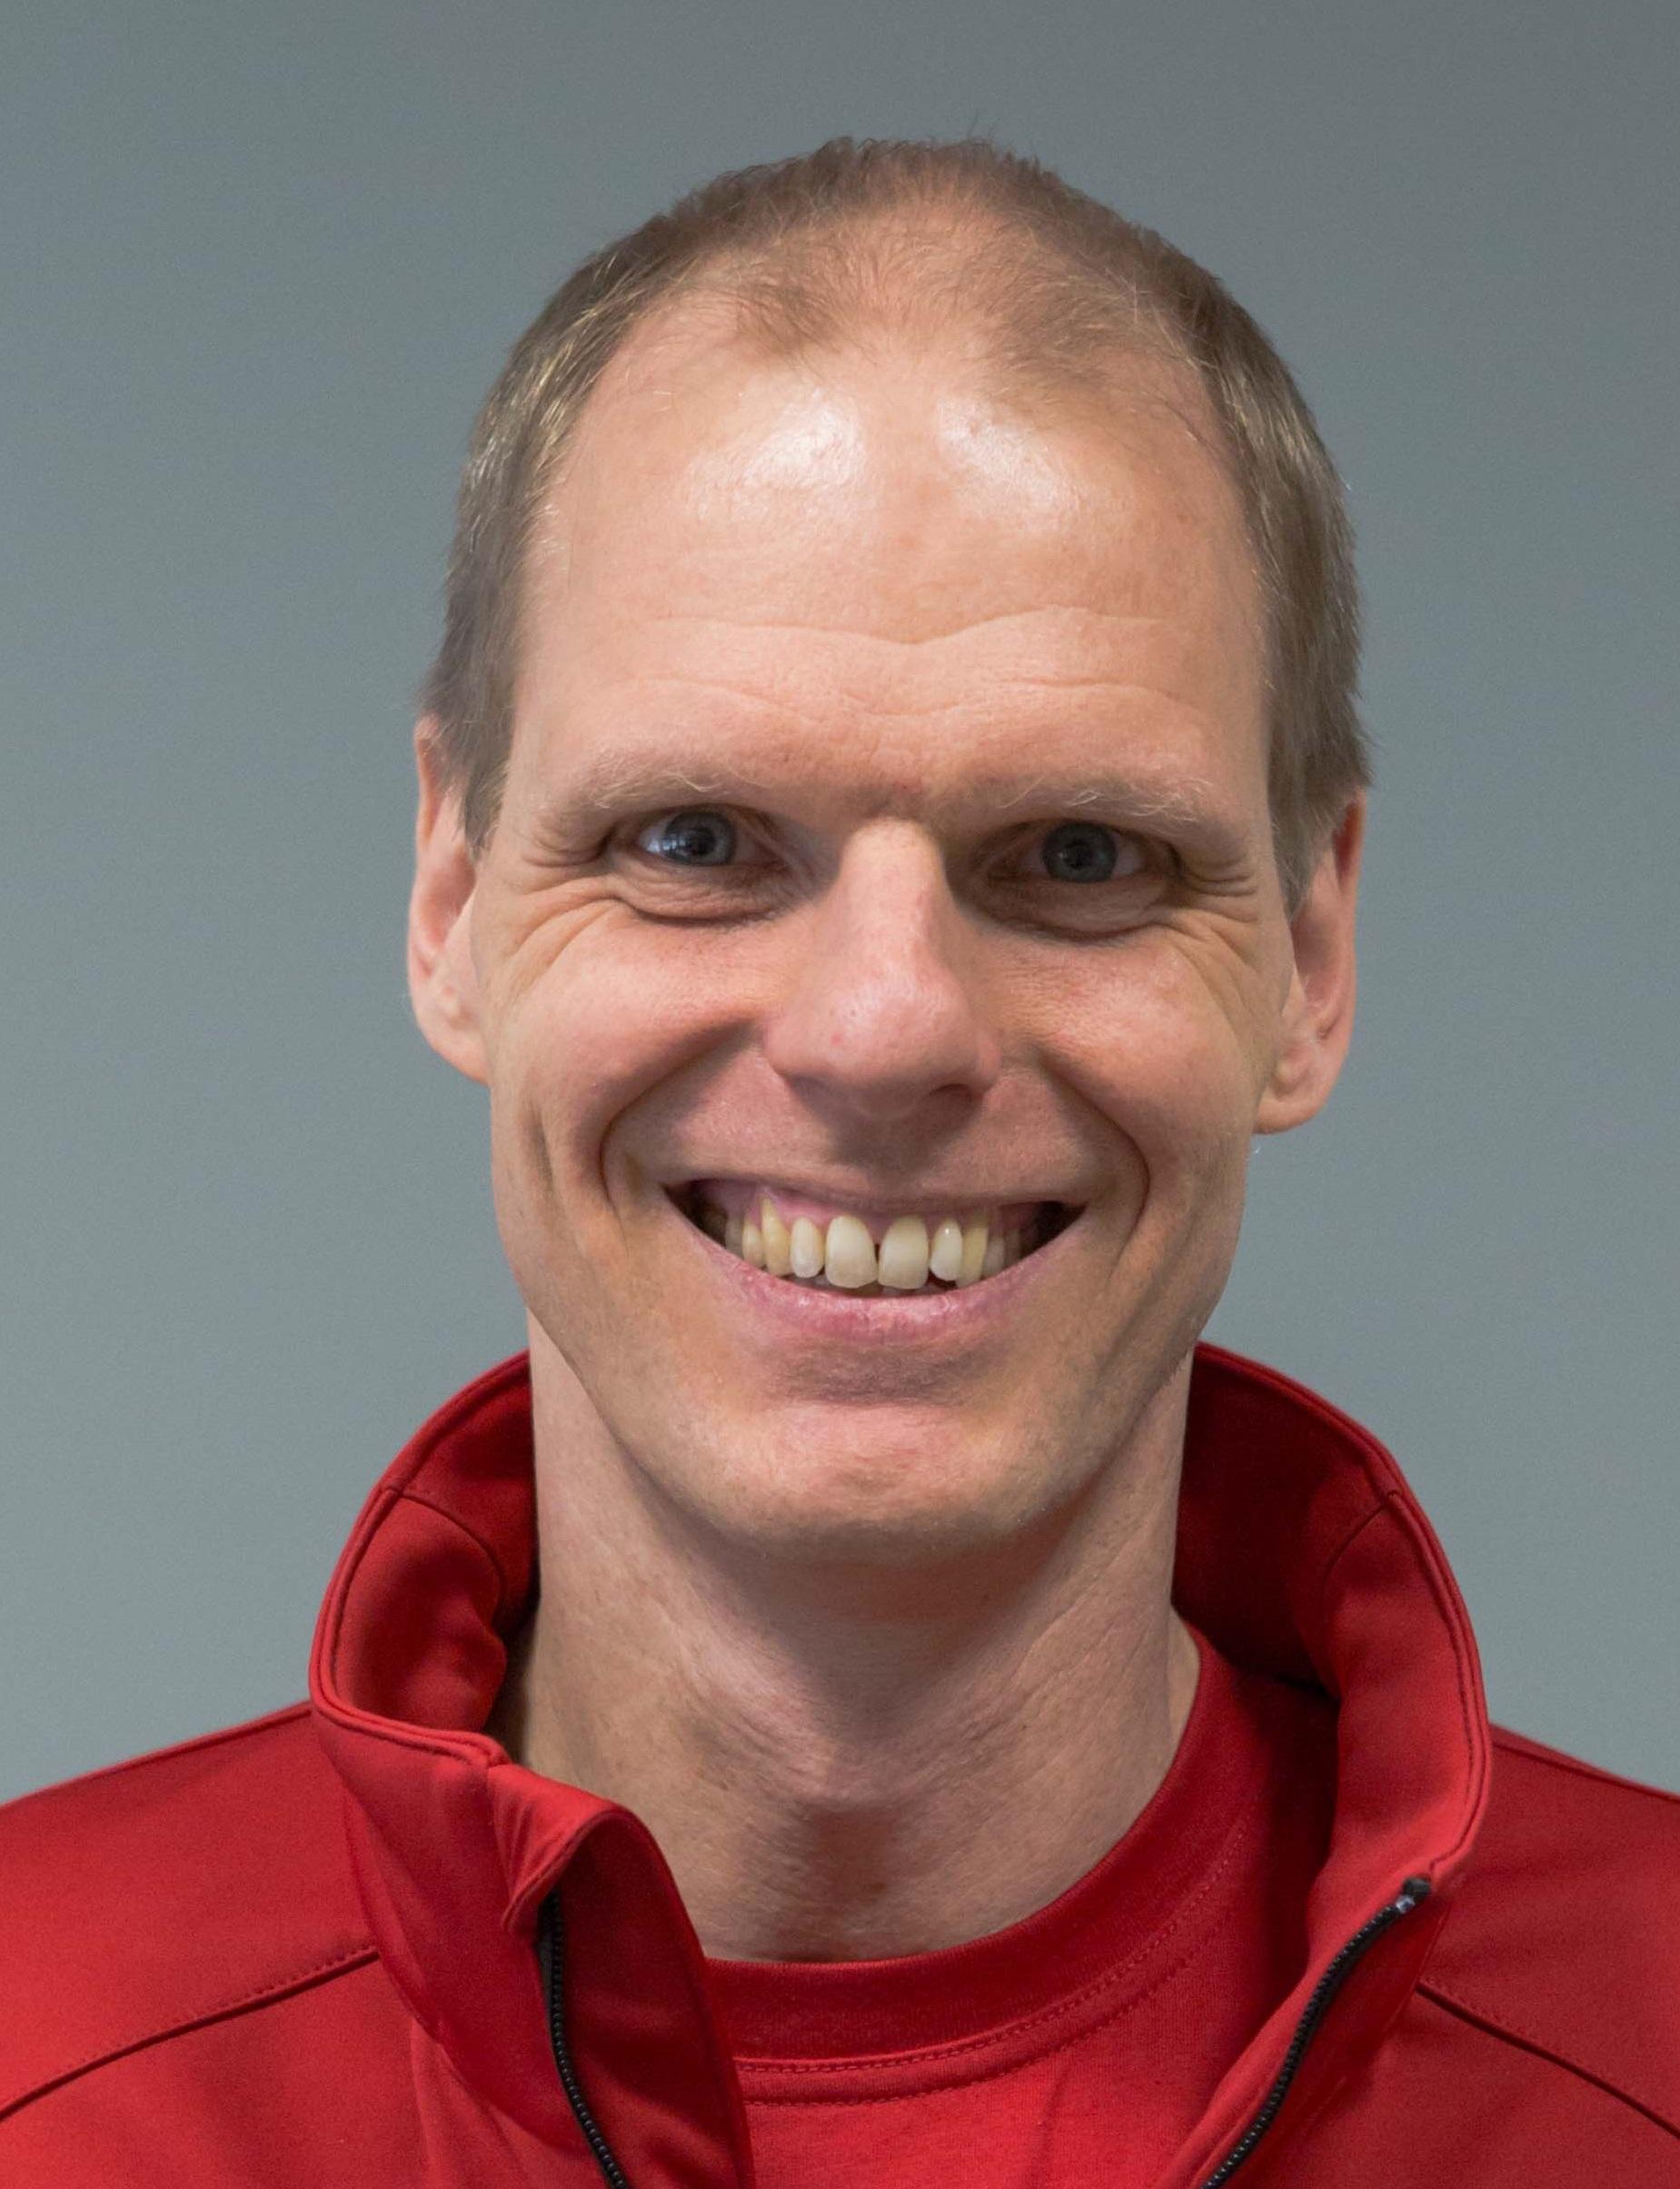 Das Interview mit Detlef Poste – Chef-Bundestrainer der Deutschen Badminton Nationalmannschaft